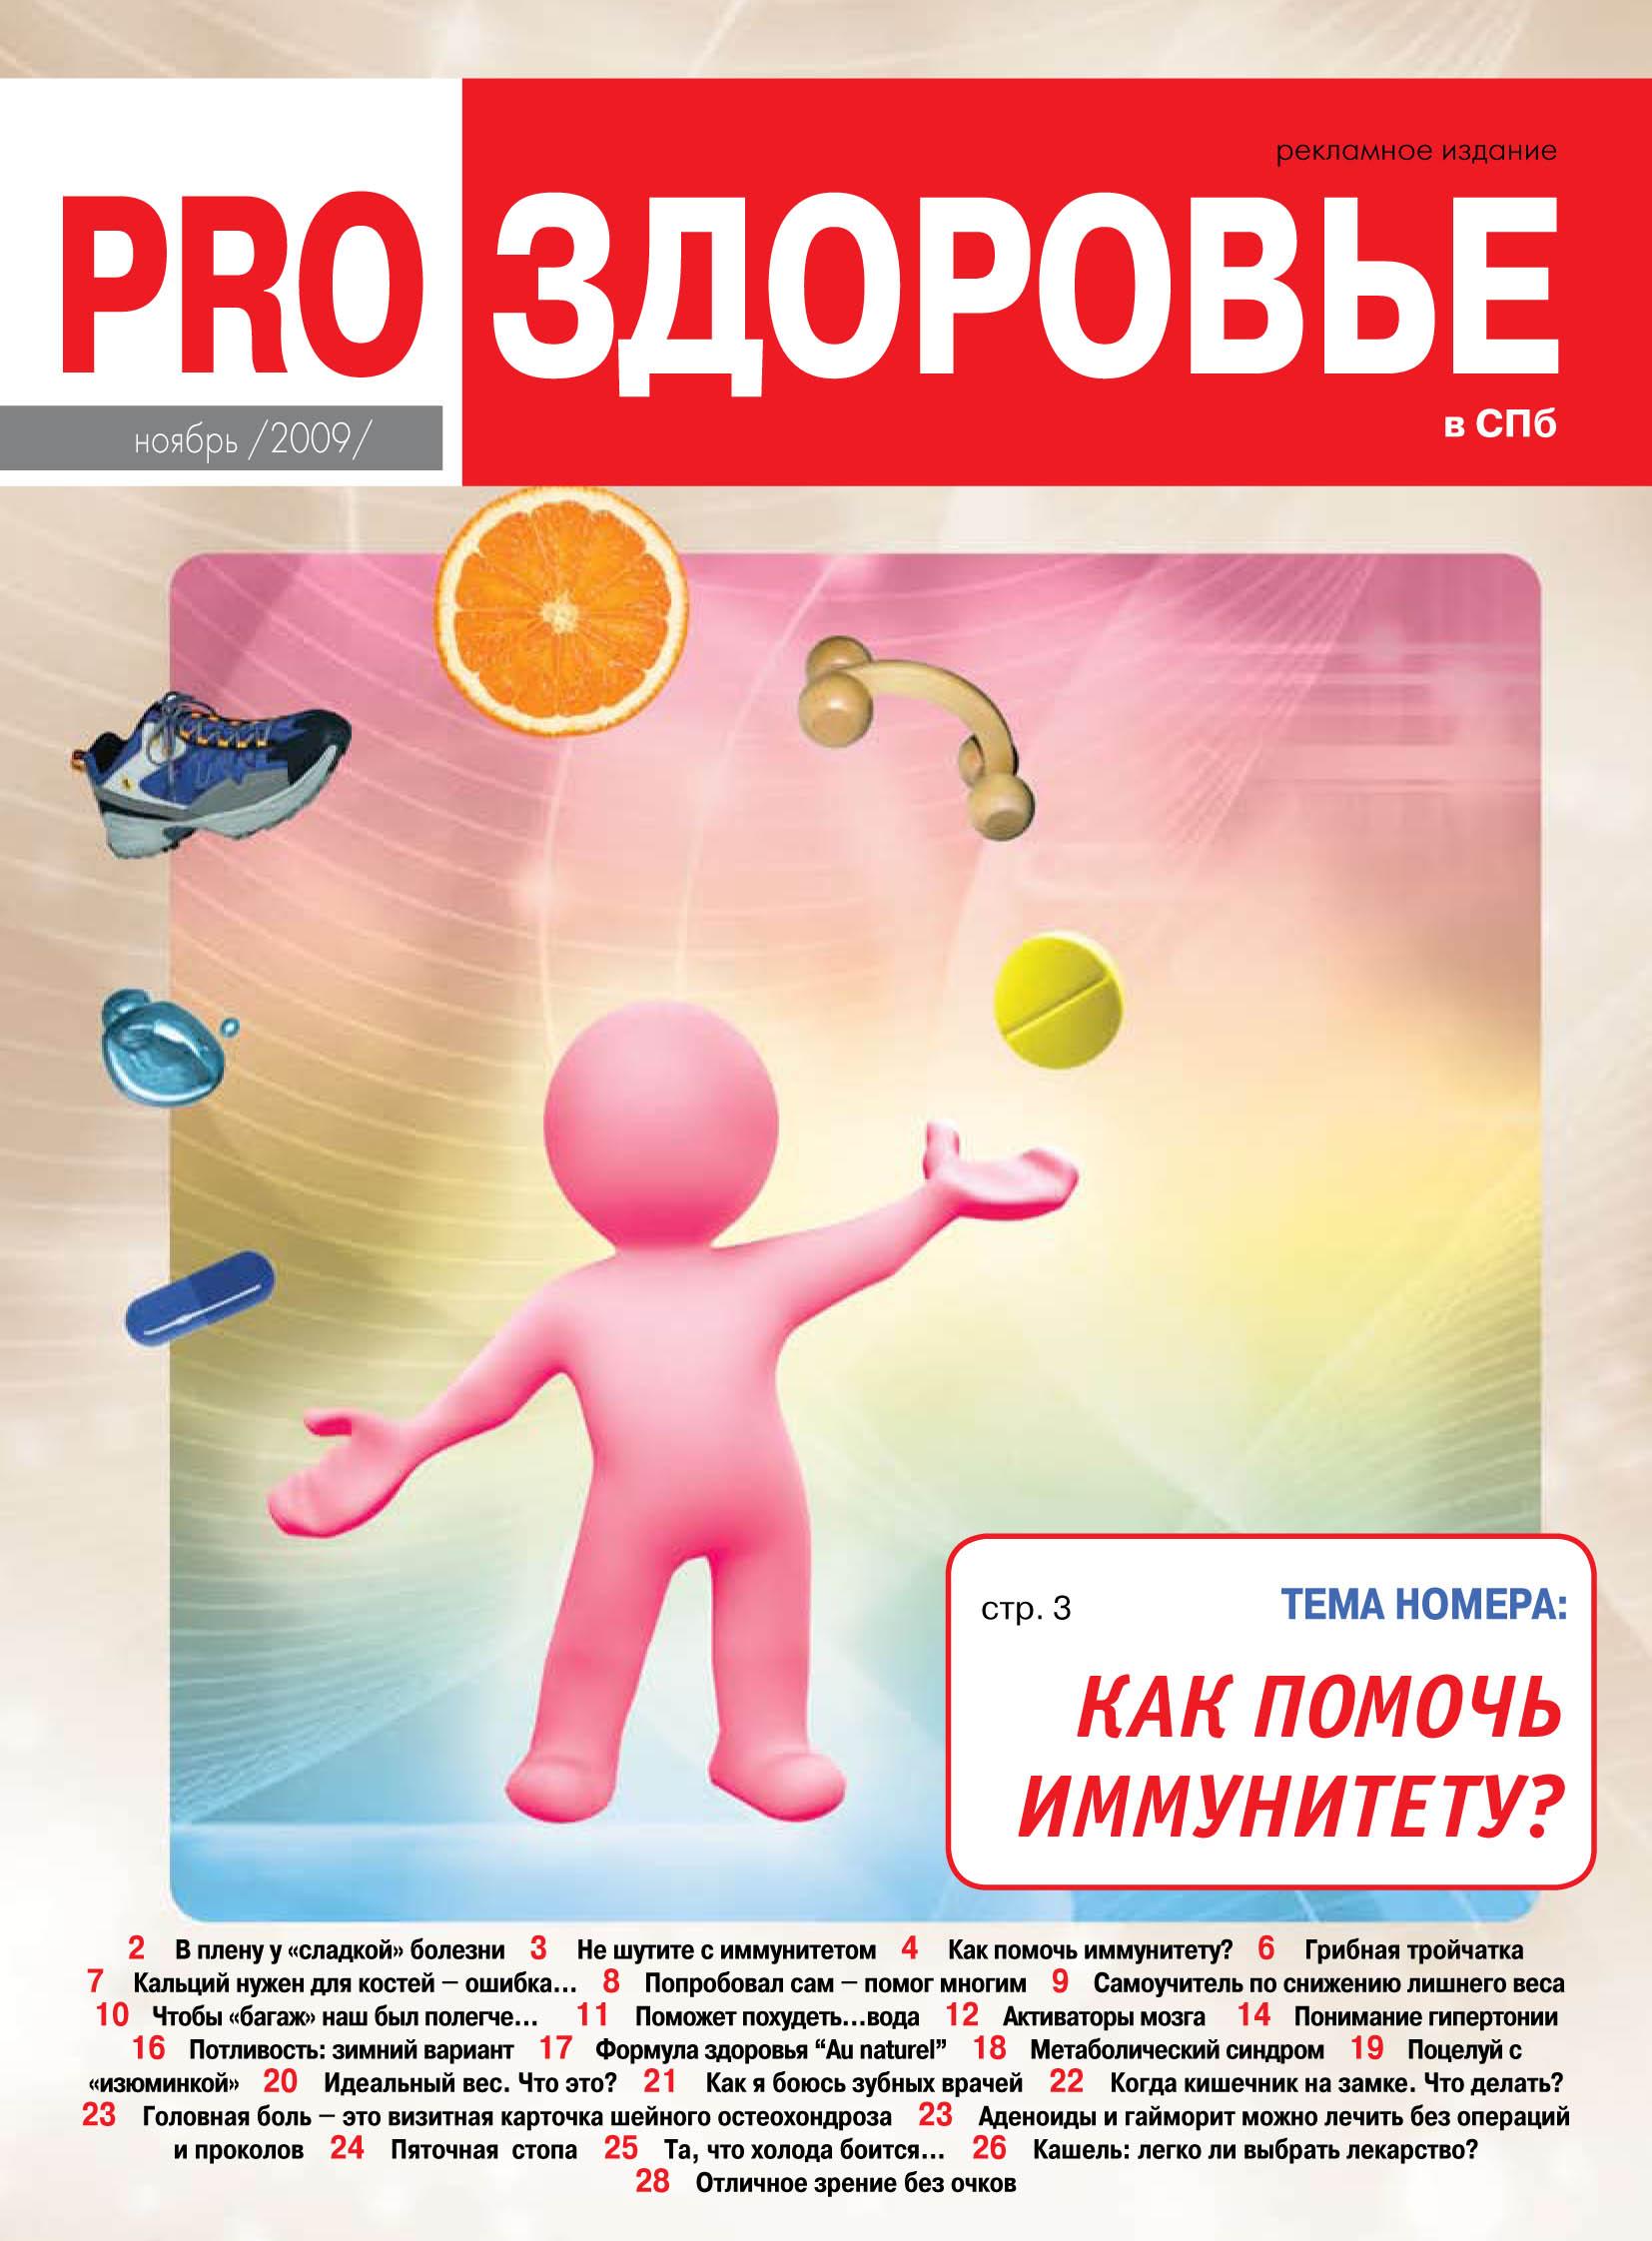 PRO Здоровье в СПб 7_2009.jpg